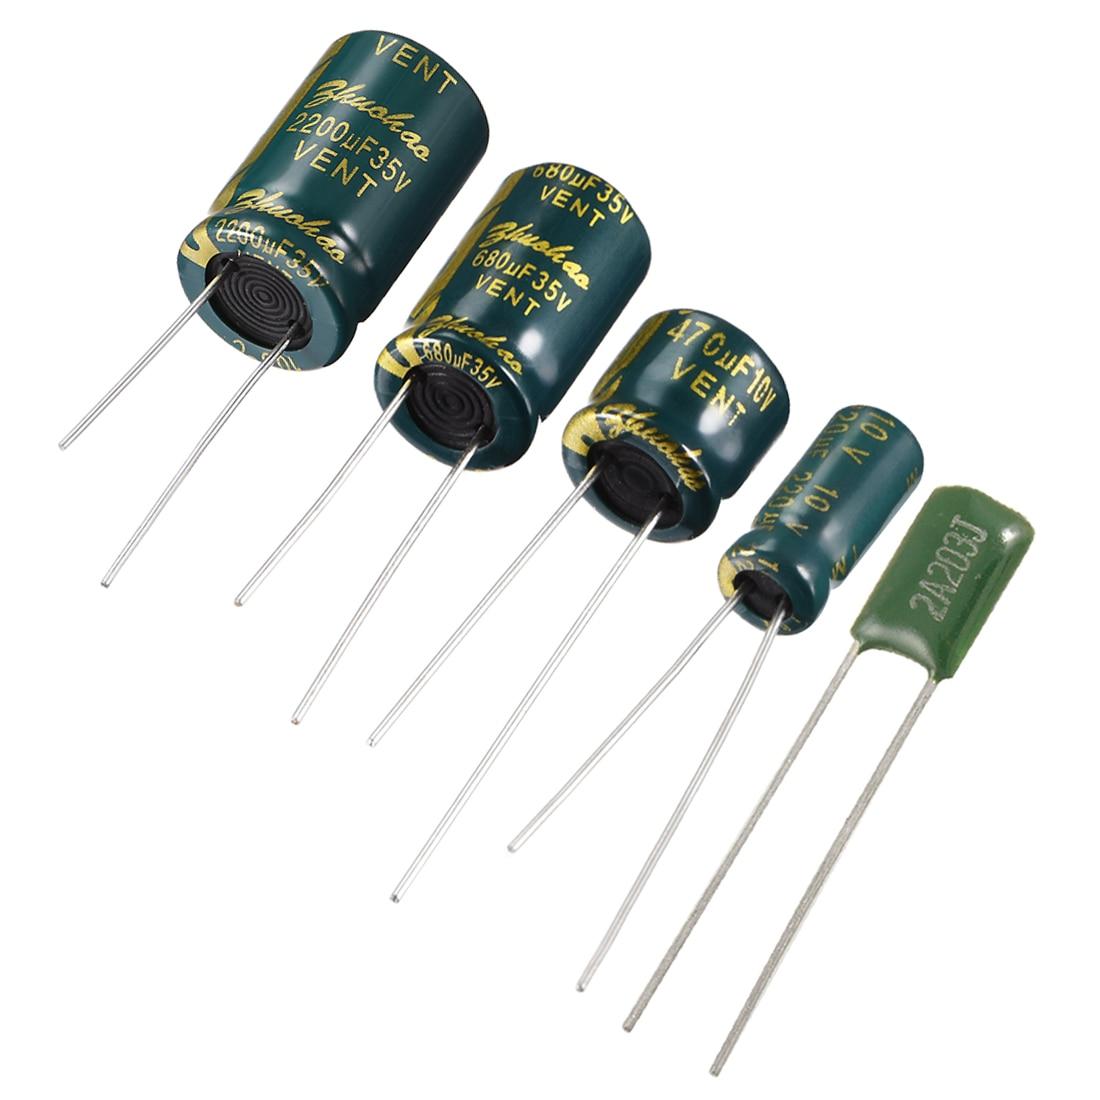 Uxcell  10V 16V 35V 50V 38 Electrolytic Capacitor For DIY Project Soldering 220 470 680 1000 1500uF